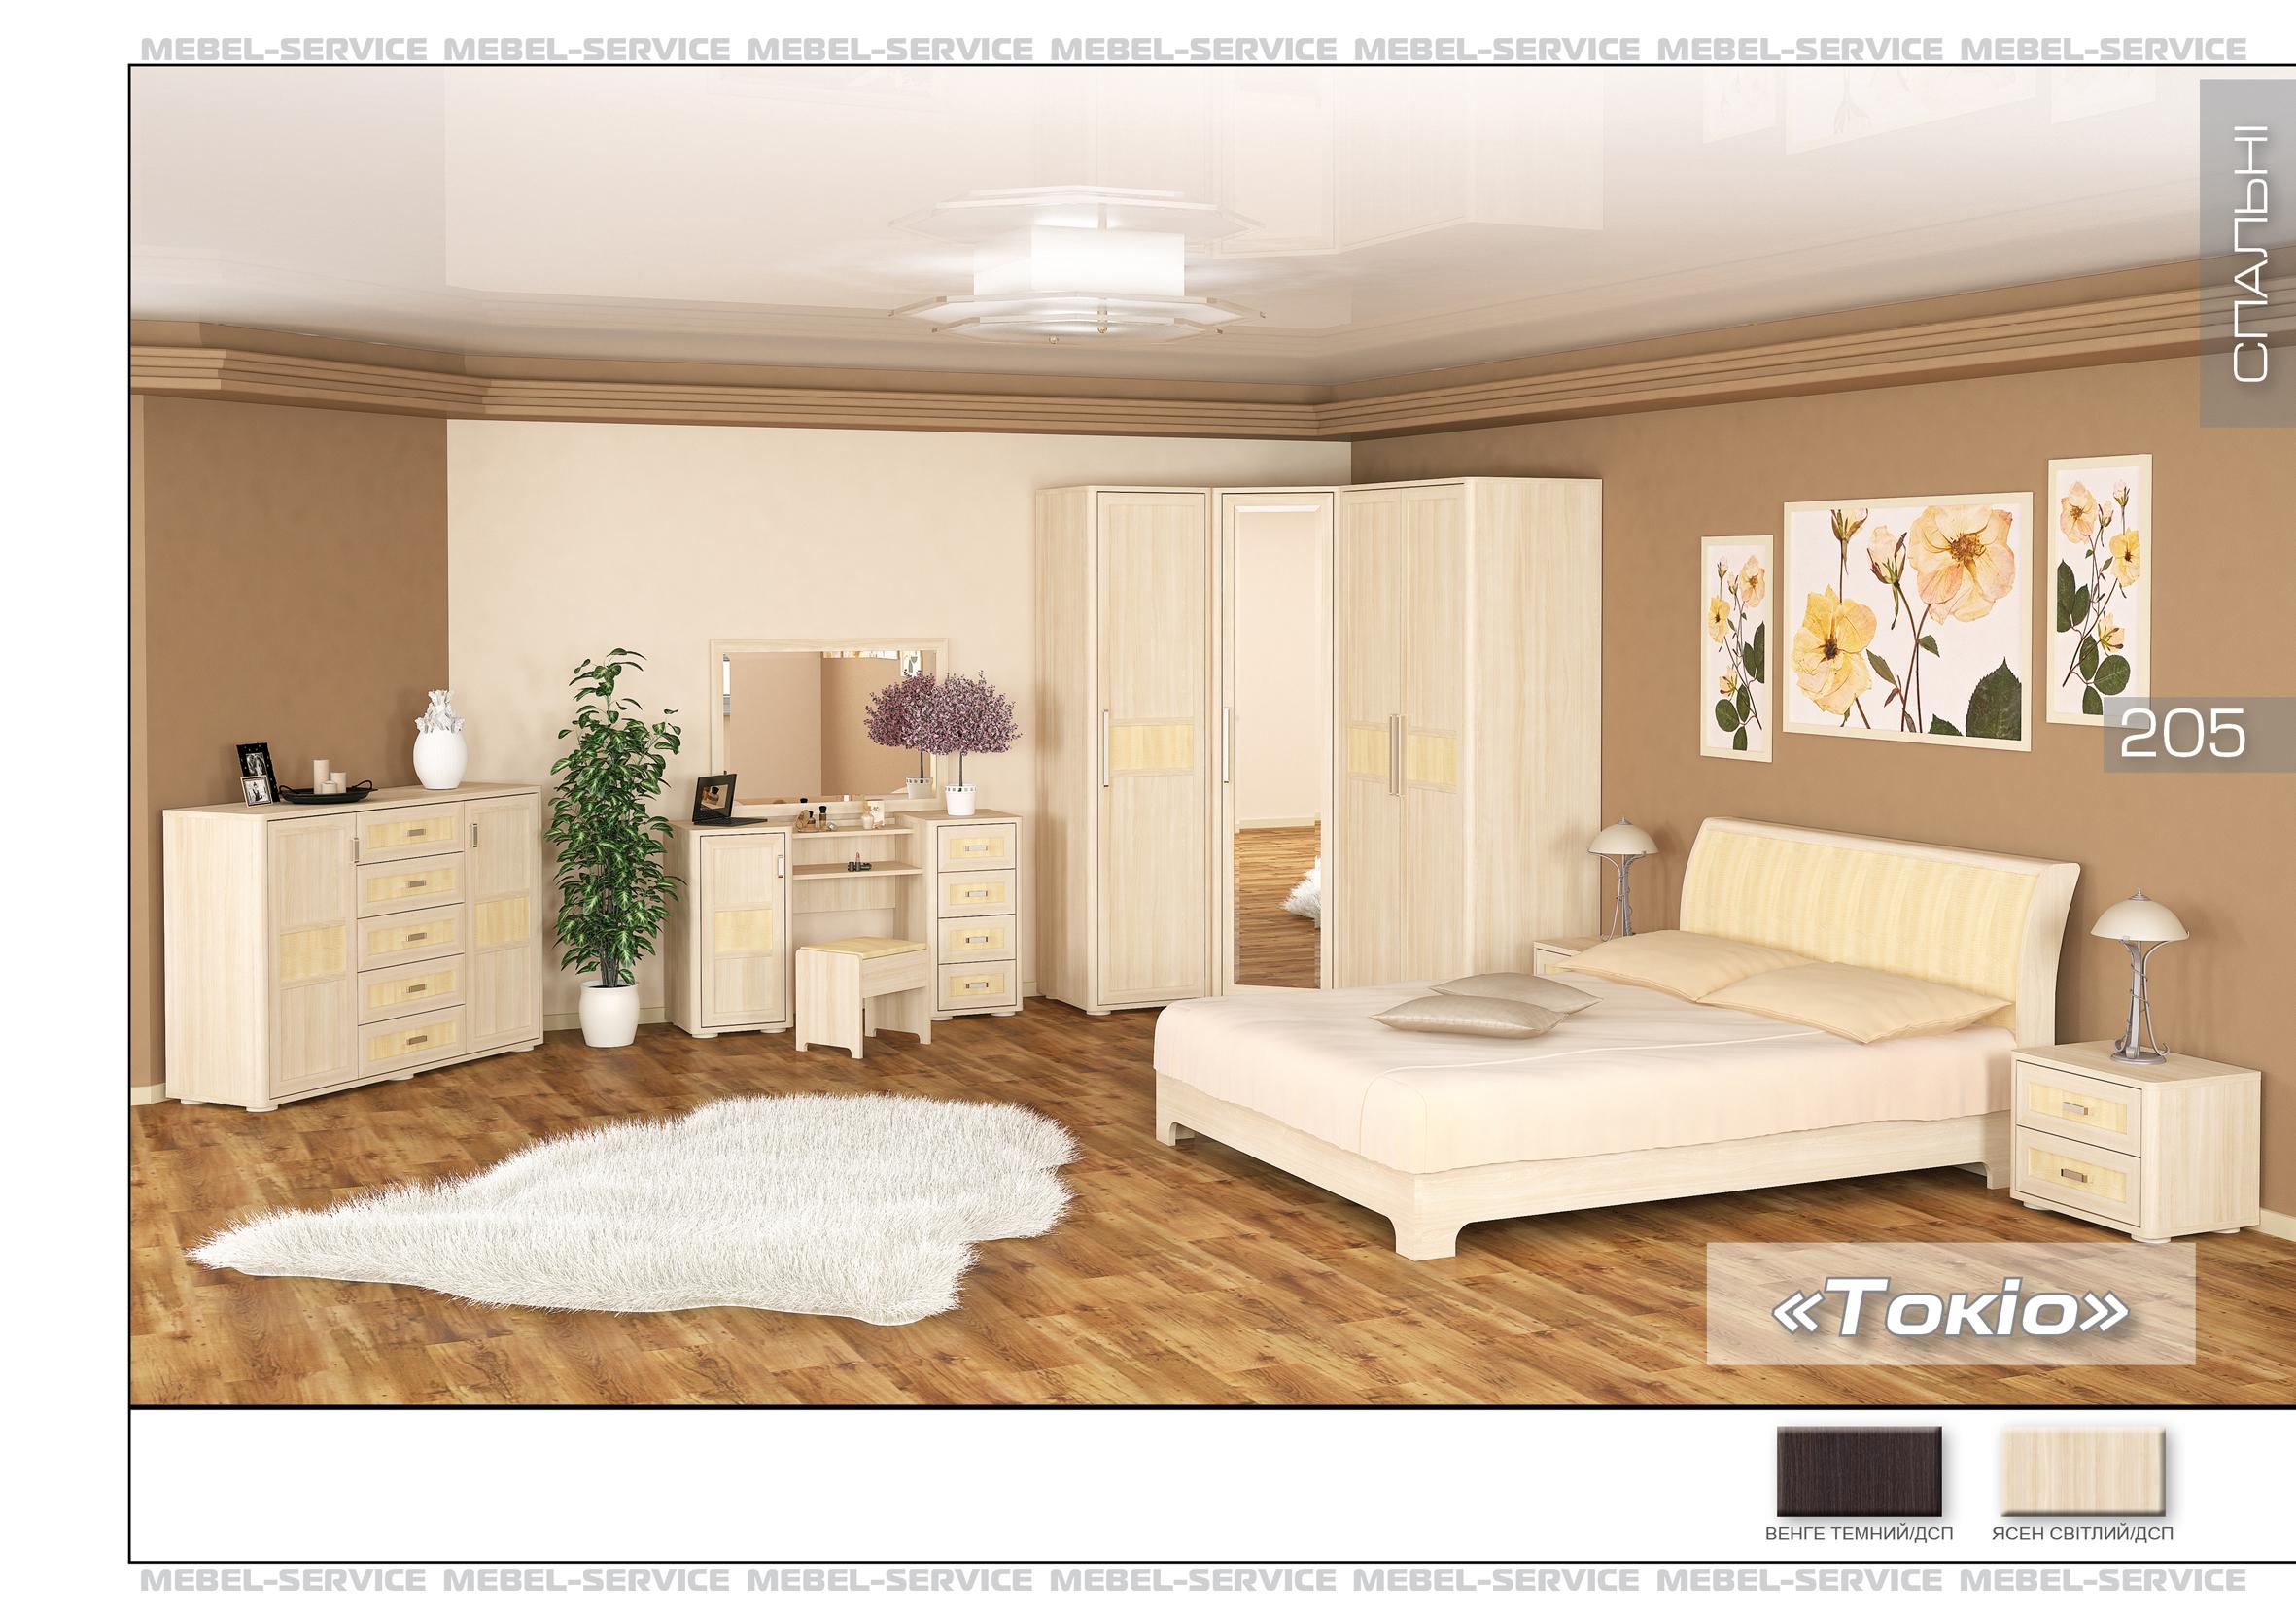 акция на спальни модульная спальня купить модульную спальню